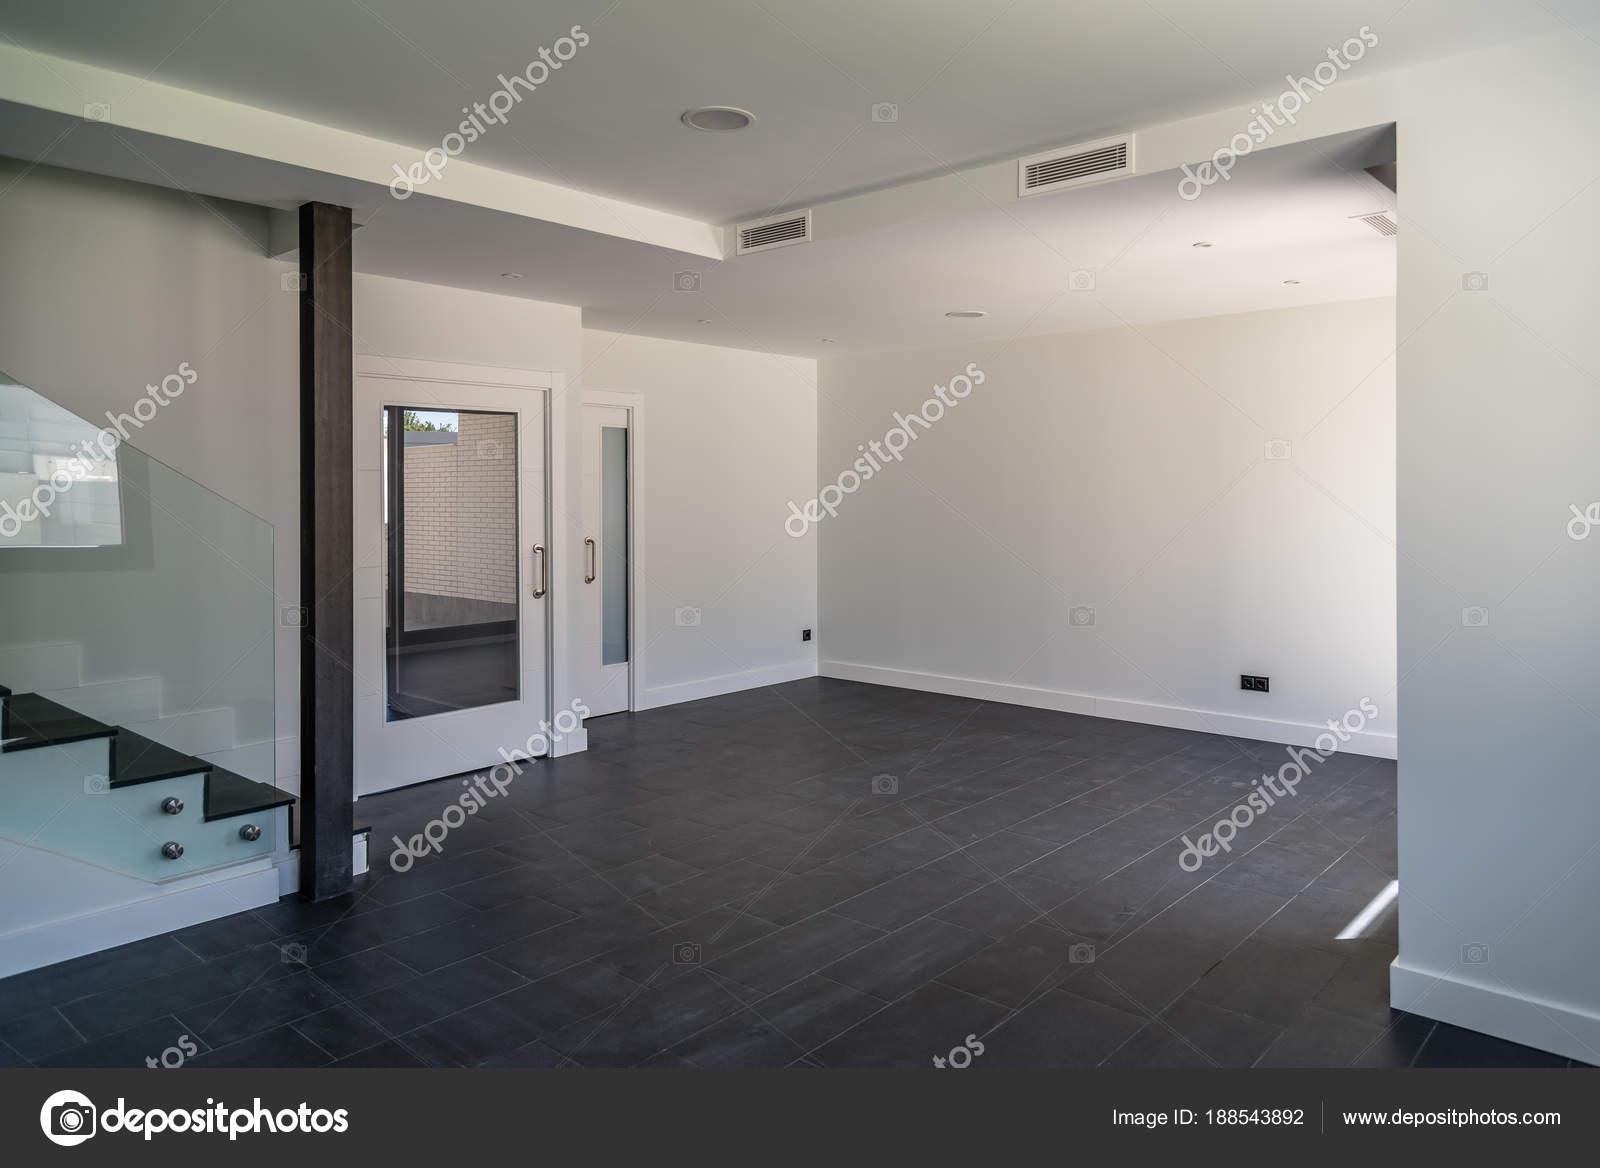 Moderne Architektur Haus Innen U2014 Stockfoto